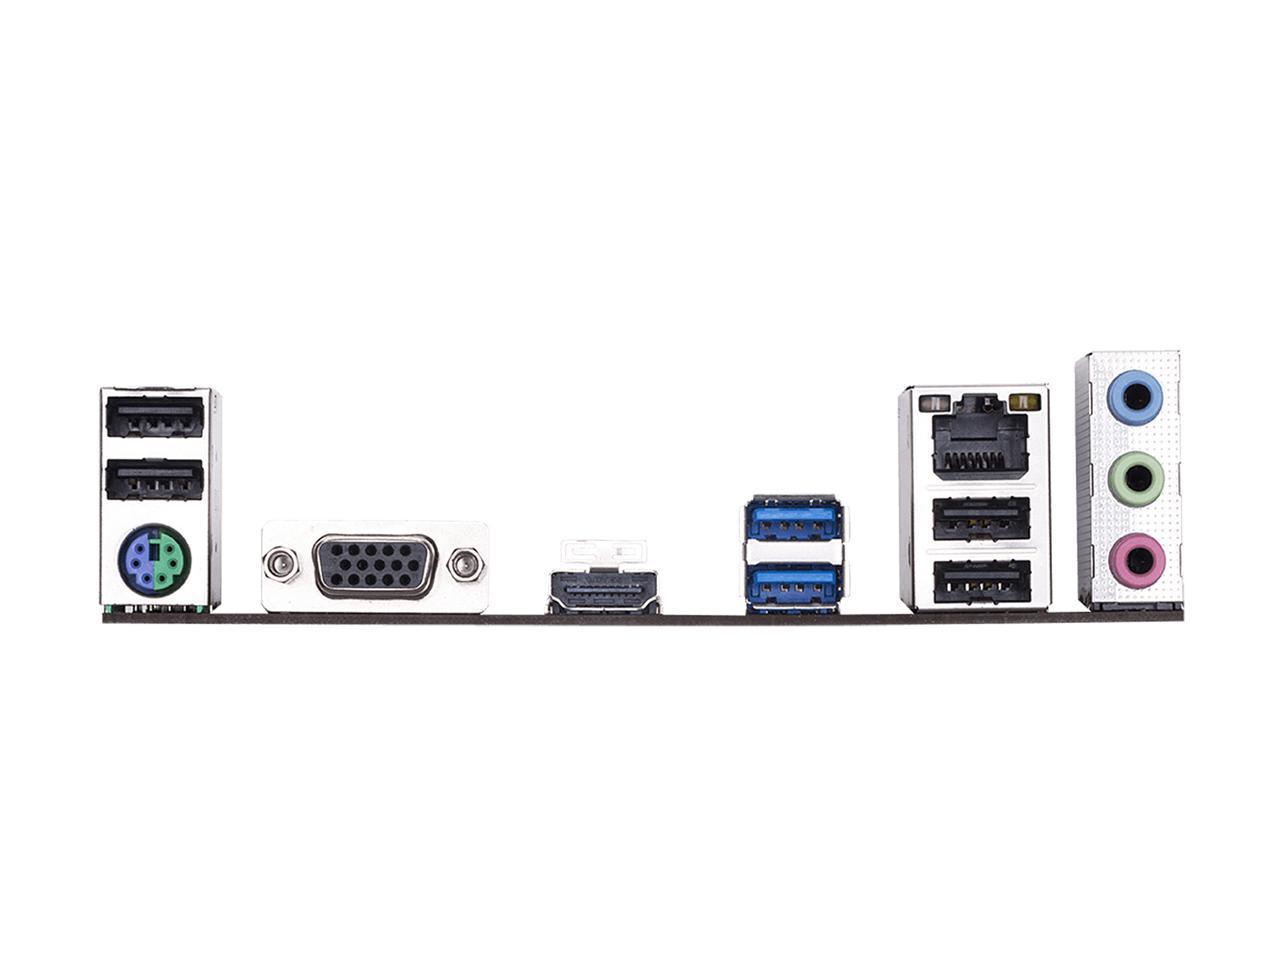 Gigabyte H310m M 2 2 0 Lga Intel H310 Sata Usb 3 1